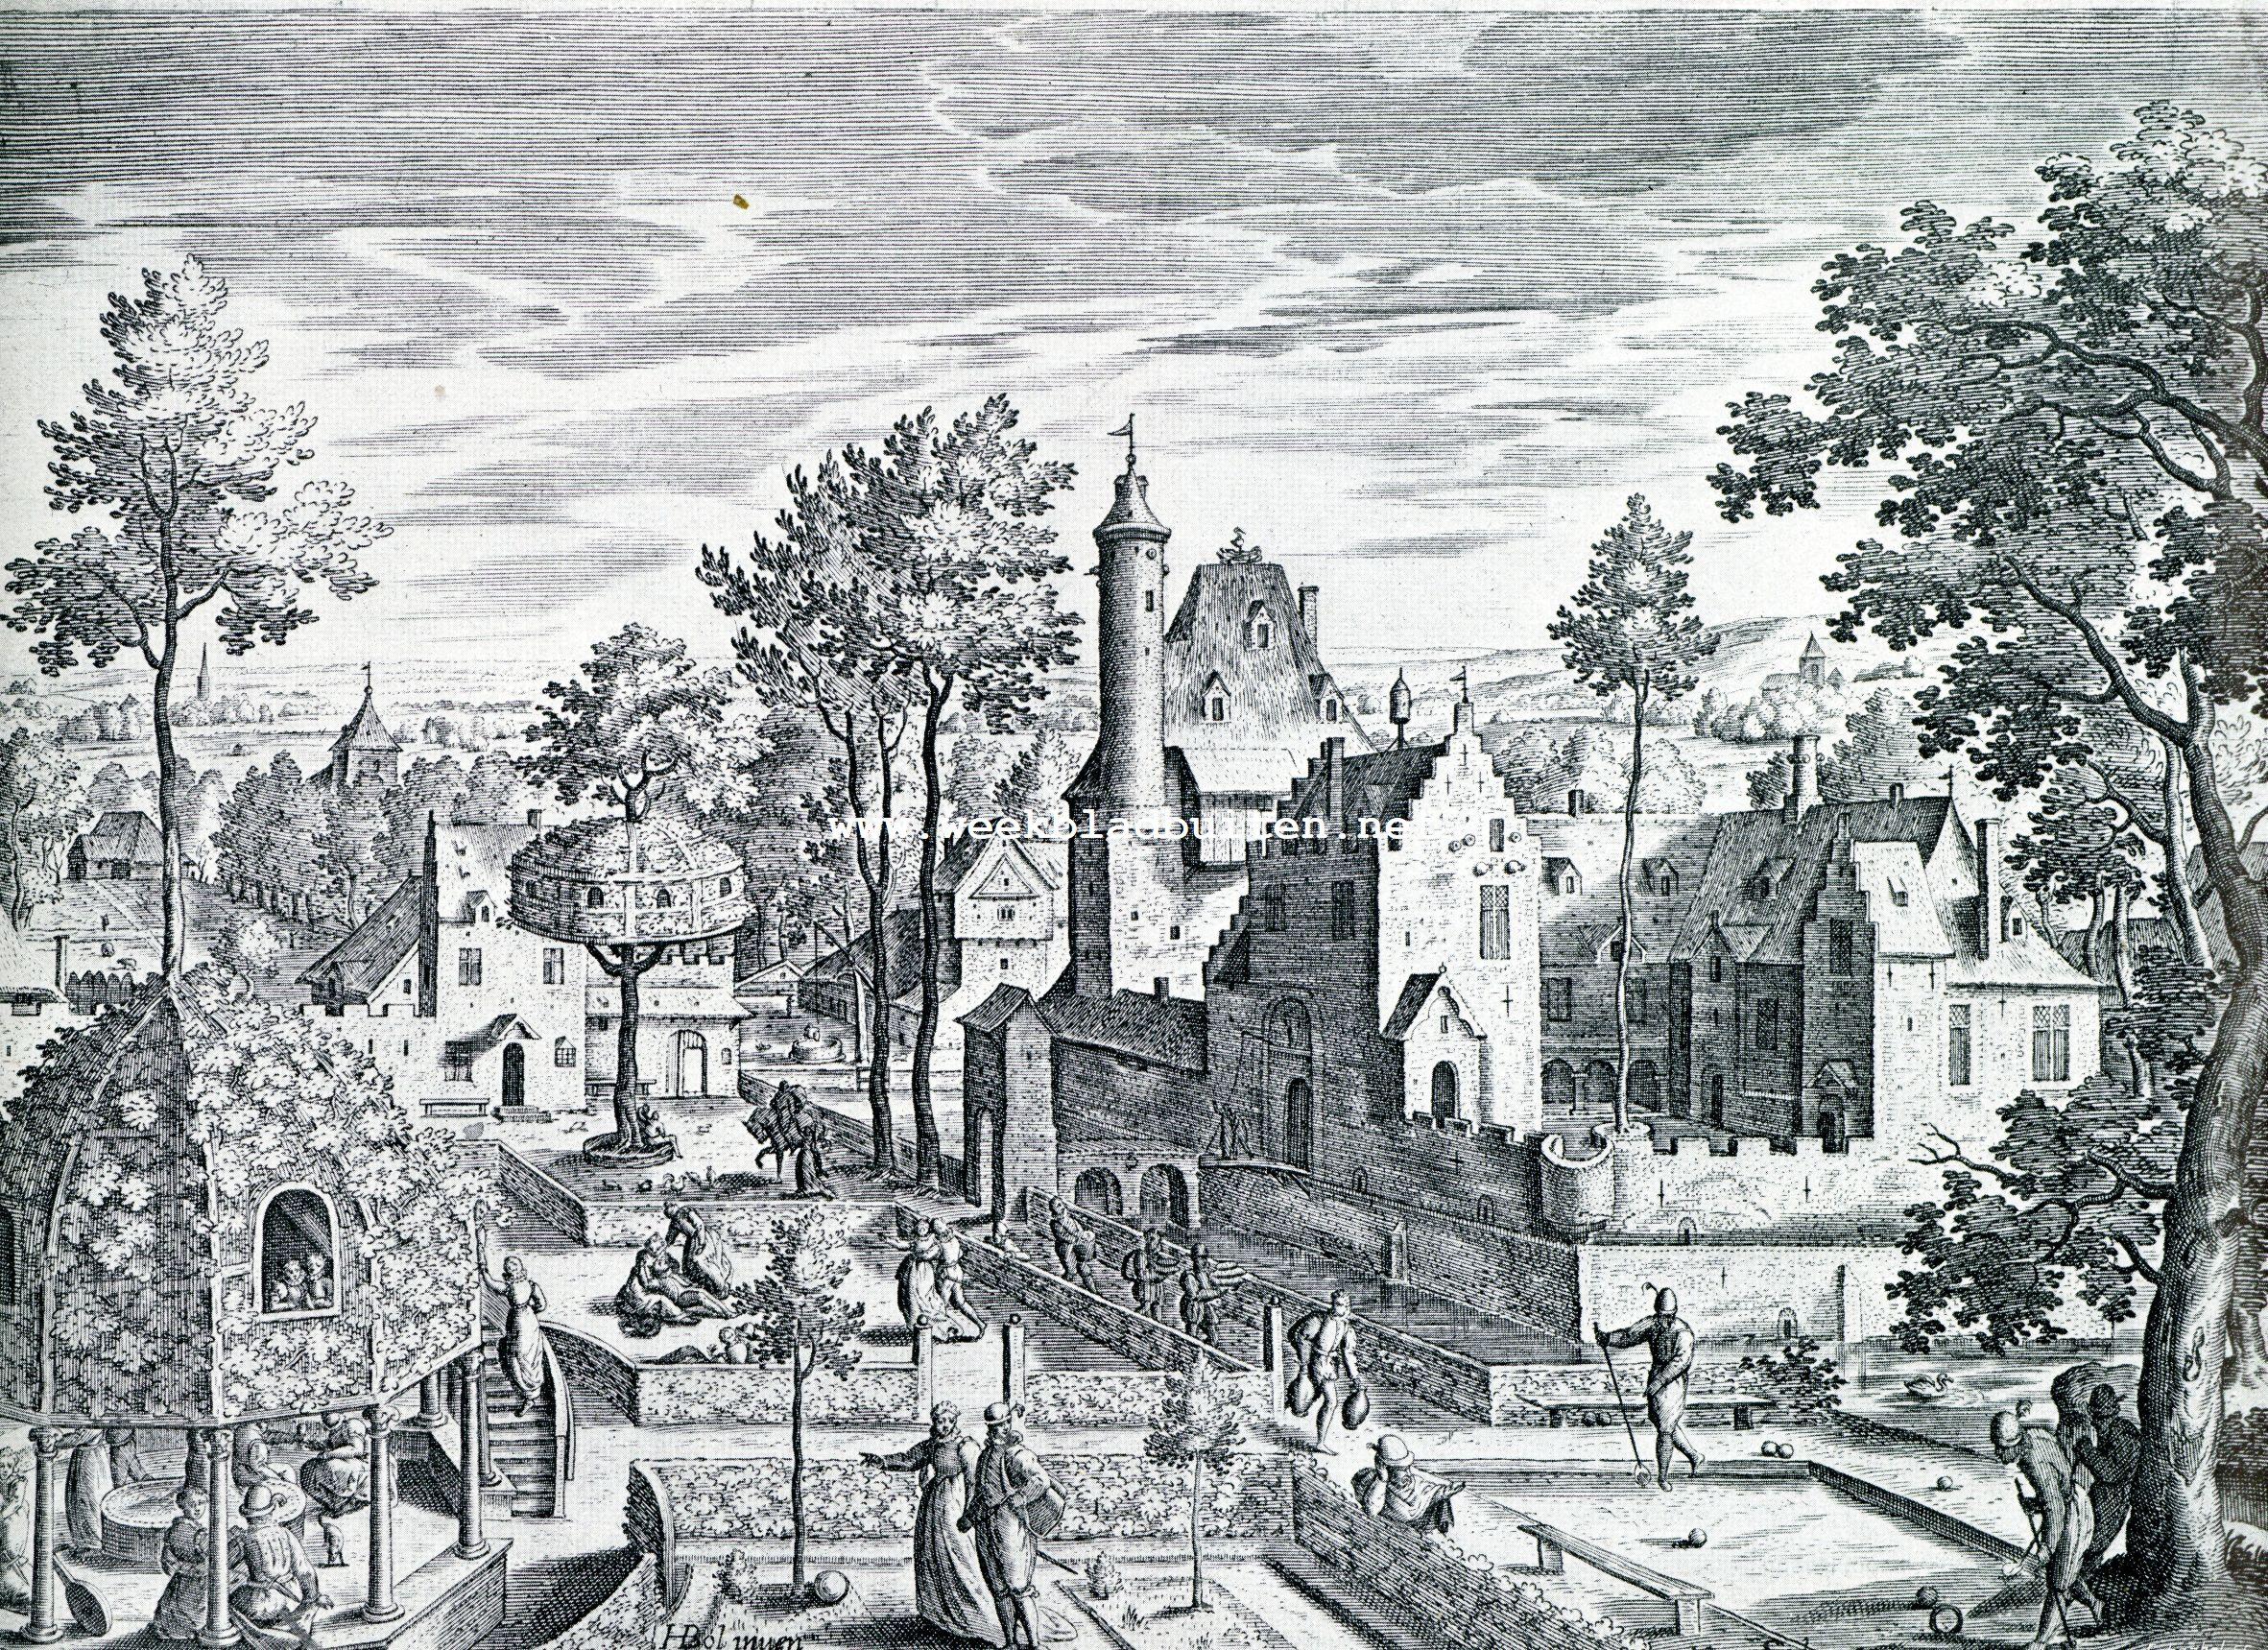 Een praatje over tuinkunst en nog wat. Het buitenleven omstreeks 1600. Naar eene gravure van Johan Sael, naar eene teekening van Hans Bol (einde 1500-begin 1600)